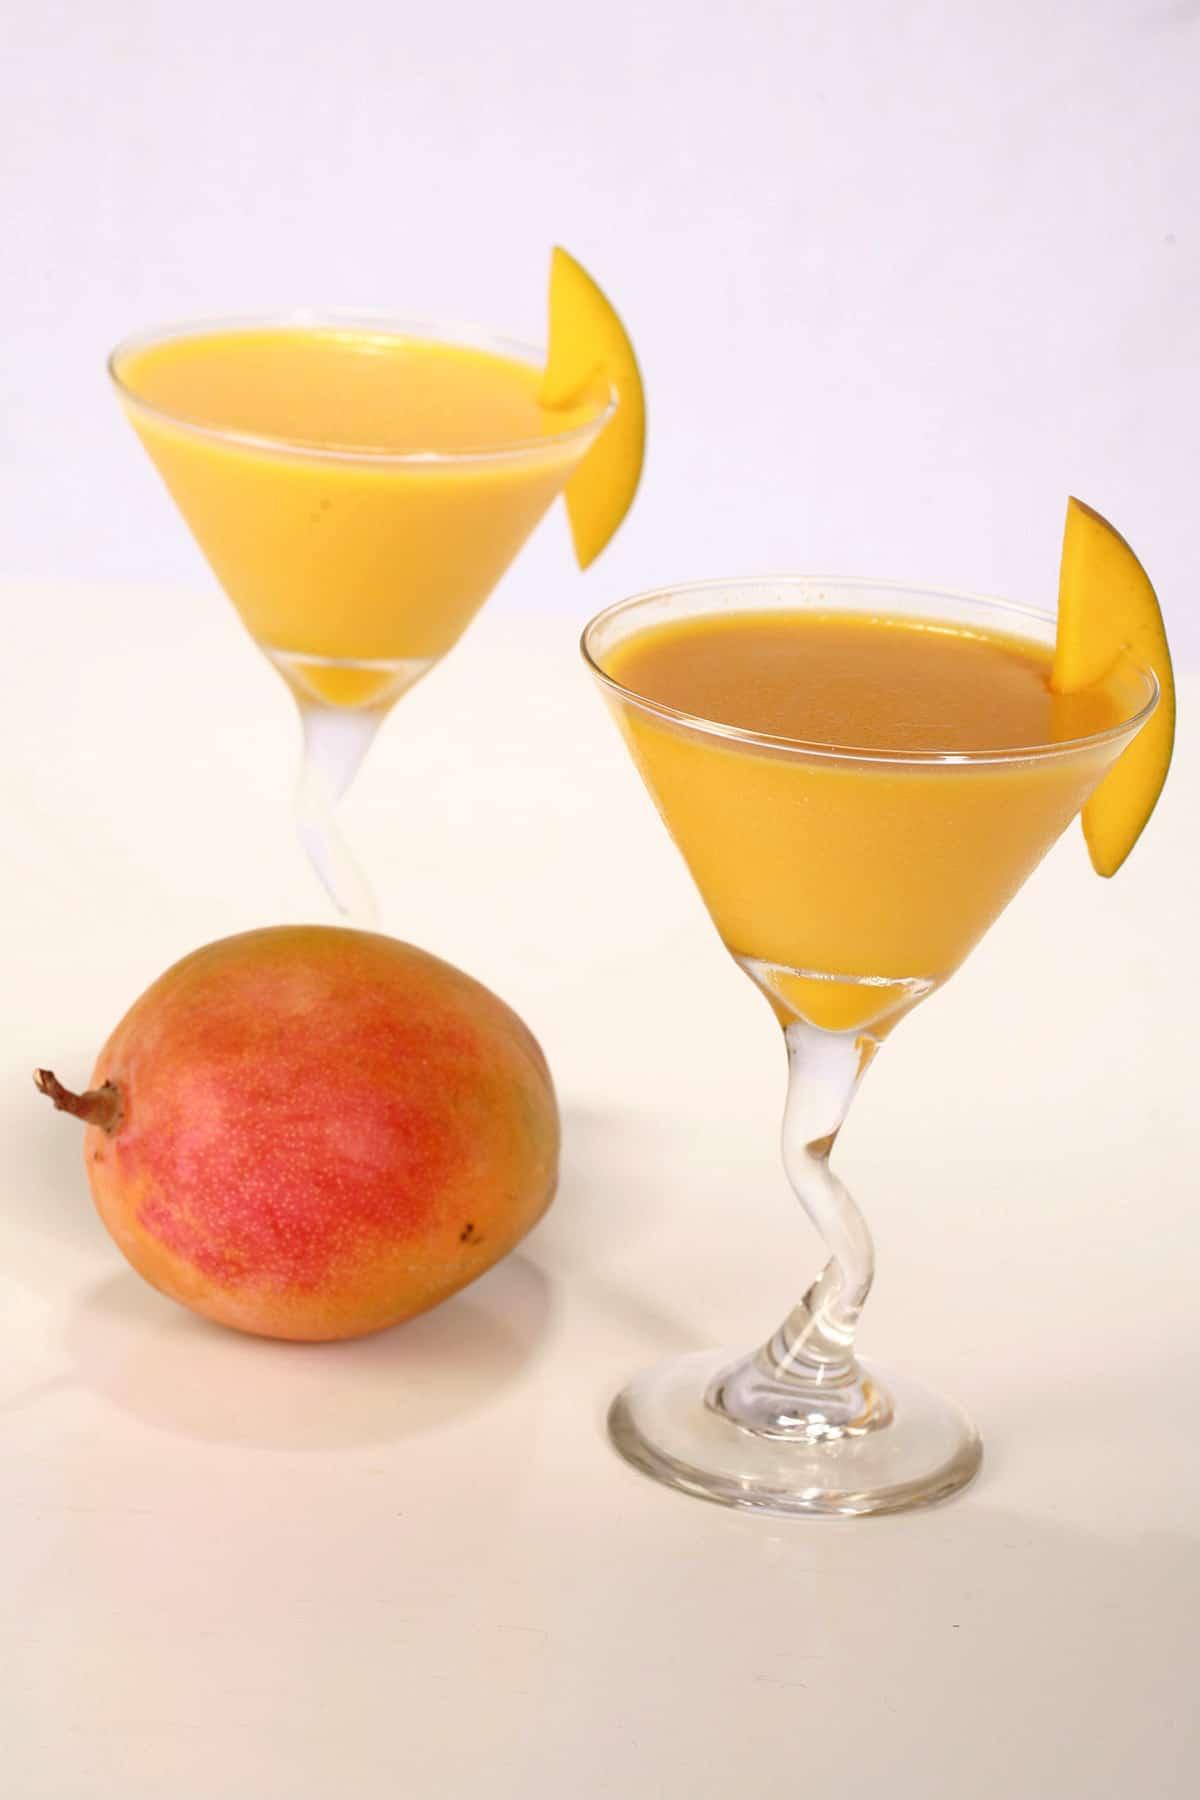 2 mango panna cottas in martini glasses.